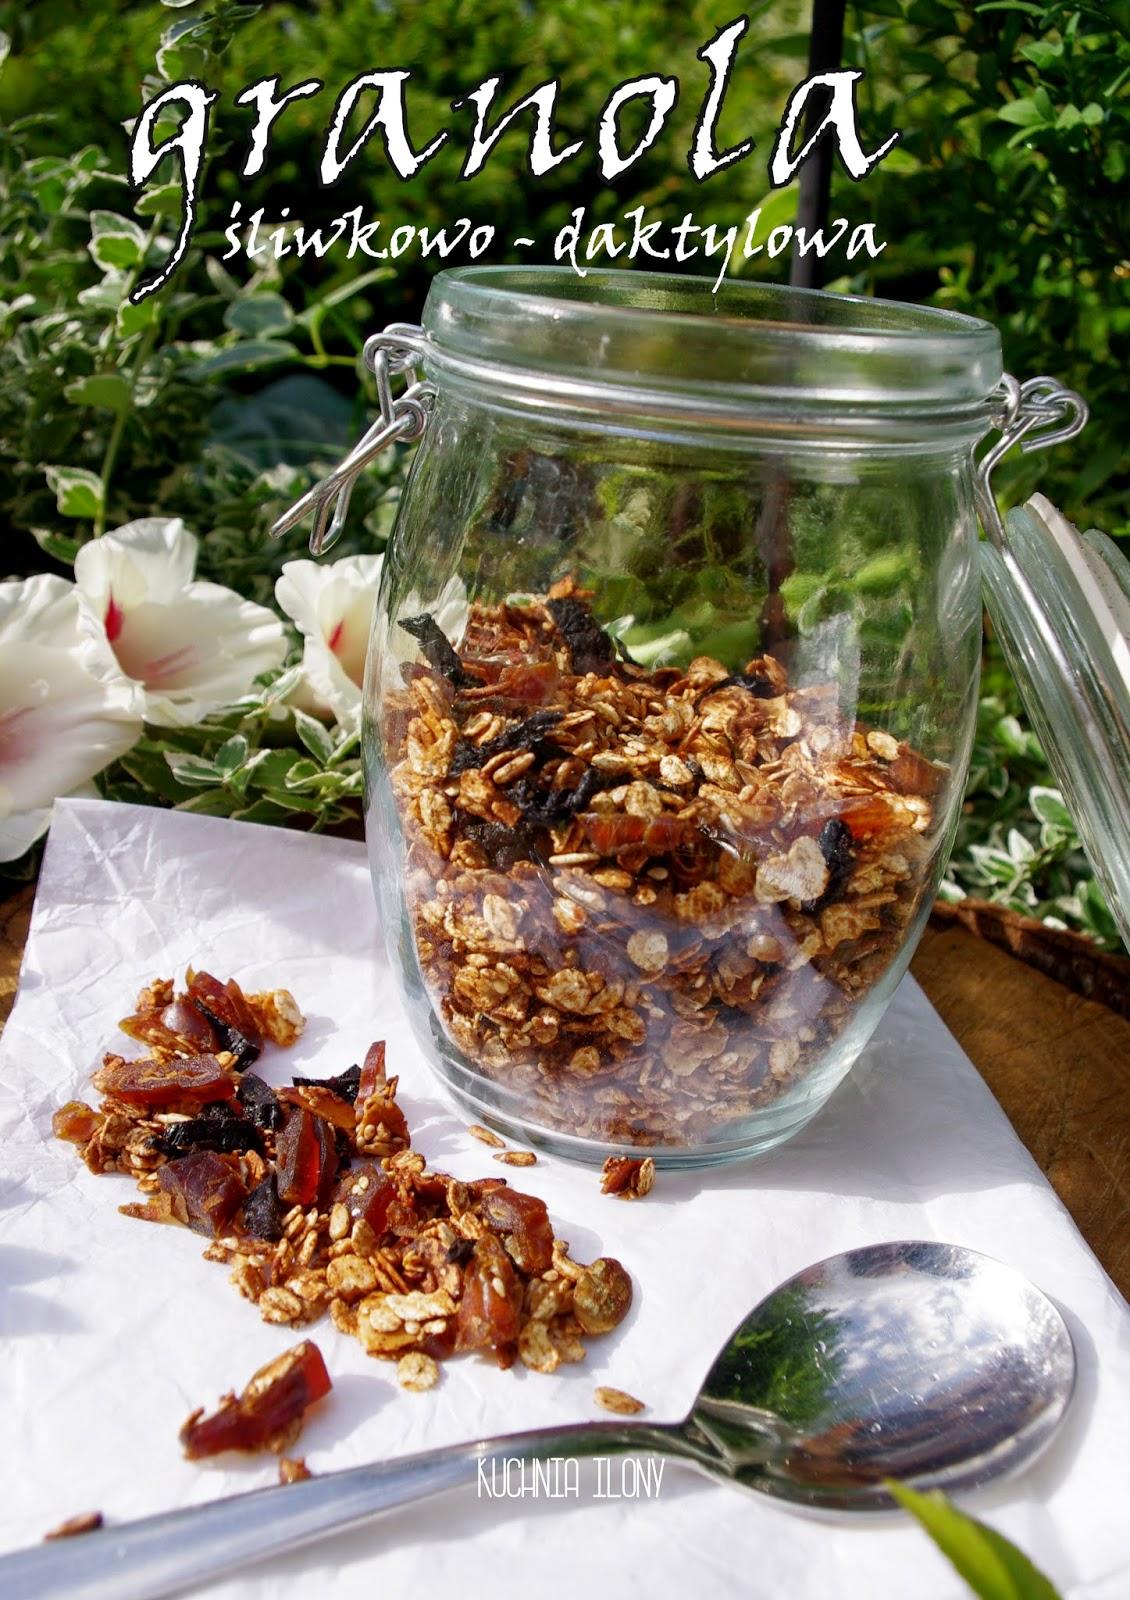 granola śliwkowo daktylowa, granola, musli, śniadanie, przekąska, kuchnia ilony, granola przepis